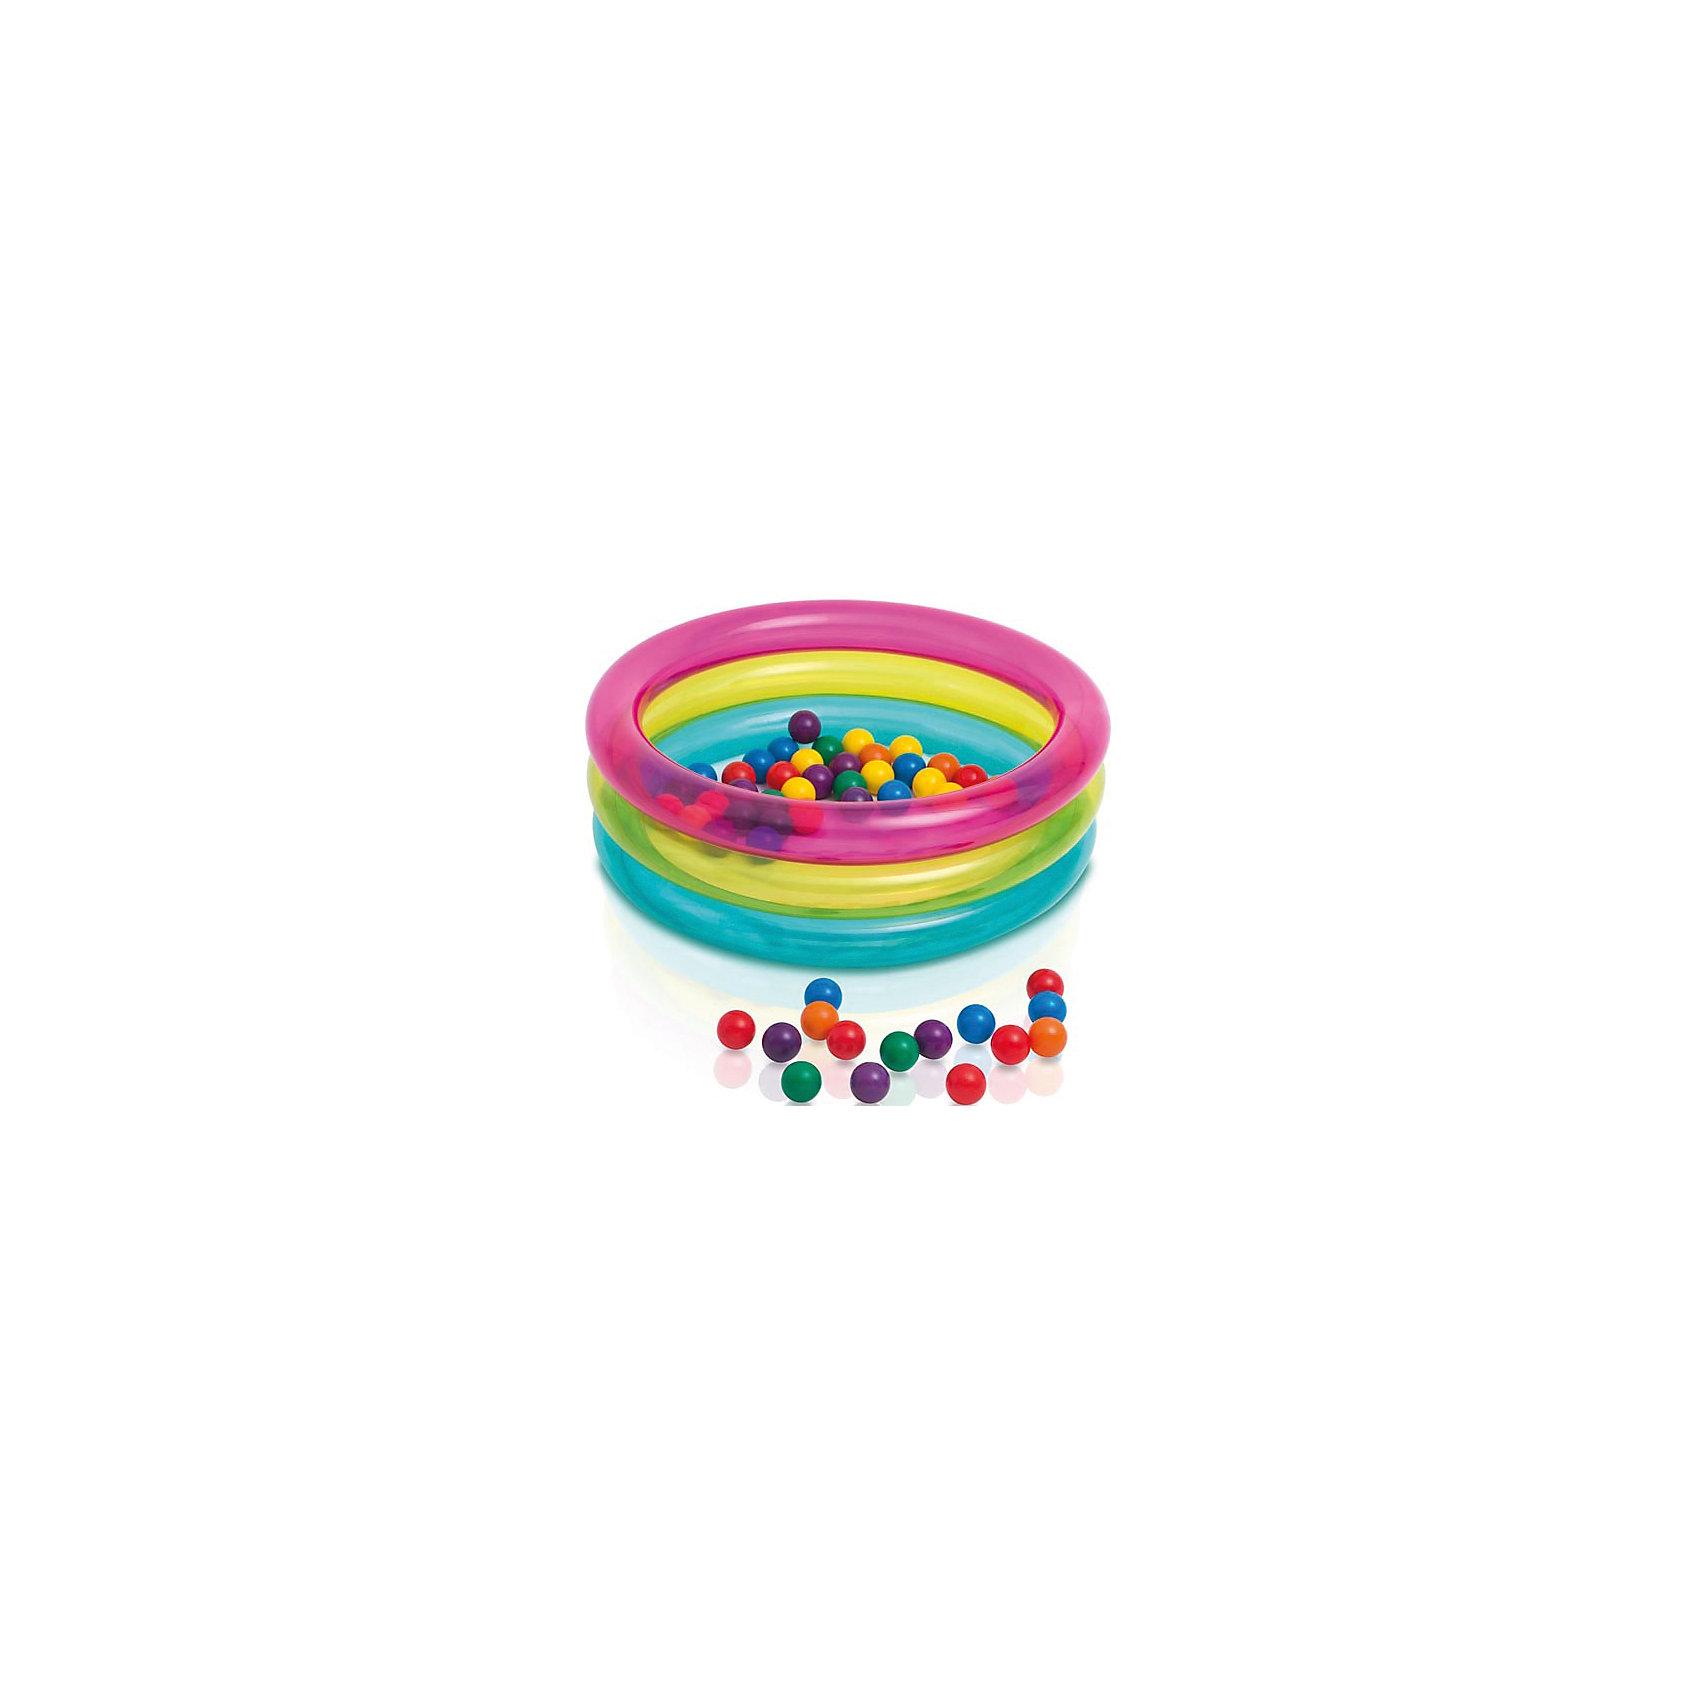 Игровой бассейн с шариками Классический, 86х25смИгровой центр (сухой бассейн) Intex 48674 (86х25 см.) + 10 шаров. В этом чудесном сухом бассейне, Ваш малыш сможет играть и веселиться. В качестве дополнения к игровому центру идут 10 мячиков. Надувной центр изготовлен из качественных материалов, полностью соответствует международным стандартам качества.<br><br>Ширина мм: 355<br>Глубина мм: 304<br>Высота мм: 152<br>Вес г: 1357<br>Возраст от месяцев: 36<br>Возраст до месяцев: 96<br>Пол: Унисекс<br>Возраст: Детский<br>SKU: 4767369